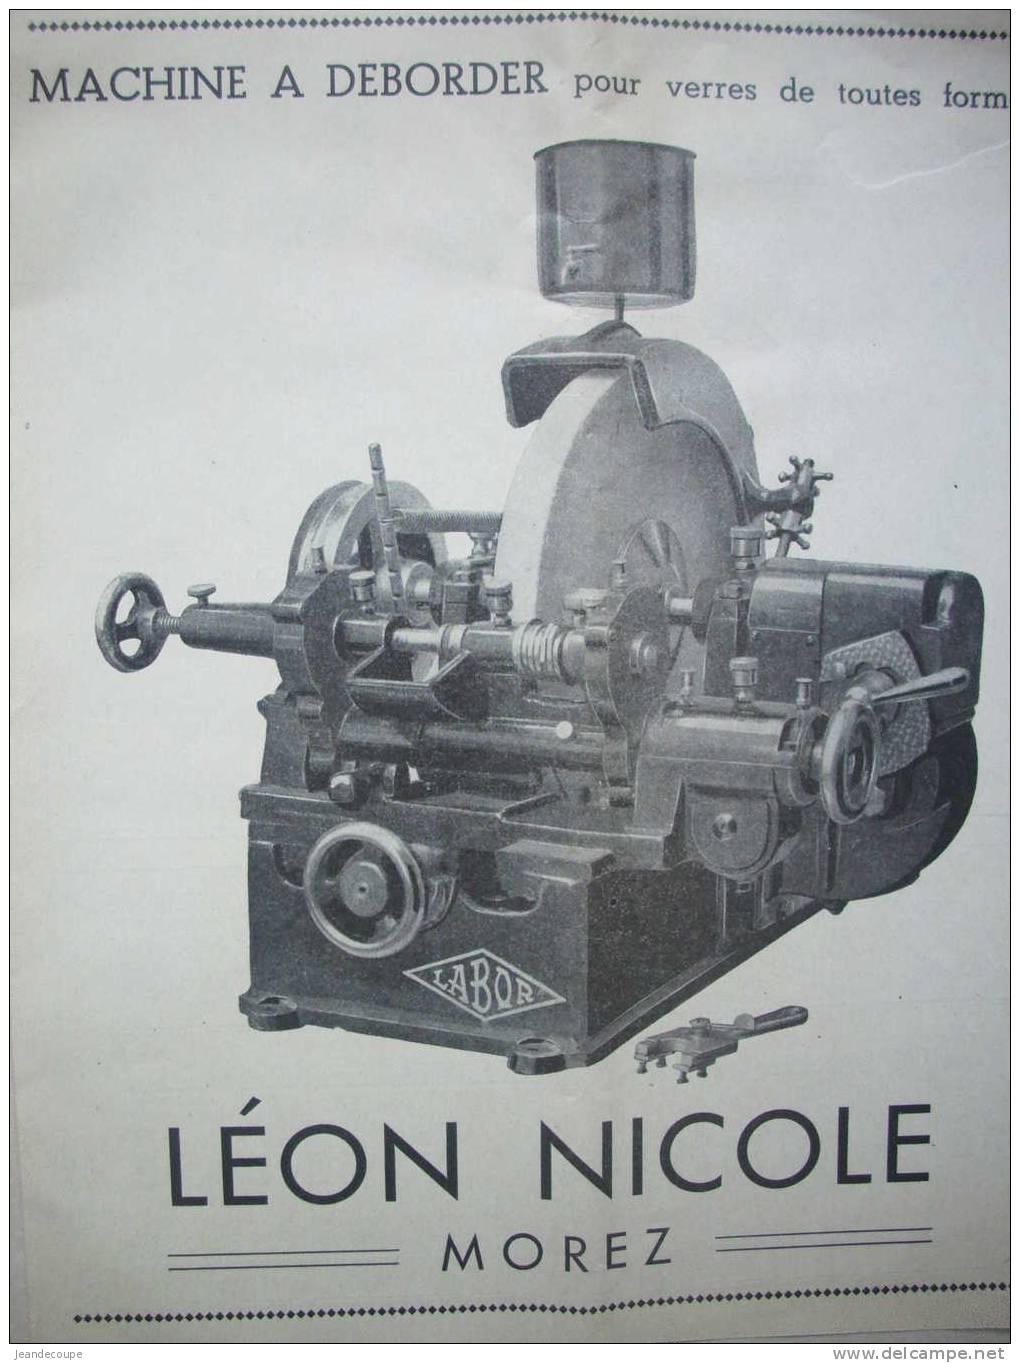 Pub - Optique - Lunetterie - Labor- LEON NICOLE - MOREZ En JURA - 1937 - N.sommer à Enghien Les Bains - Focomètre - Reclame